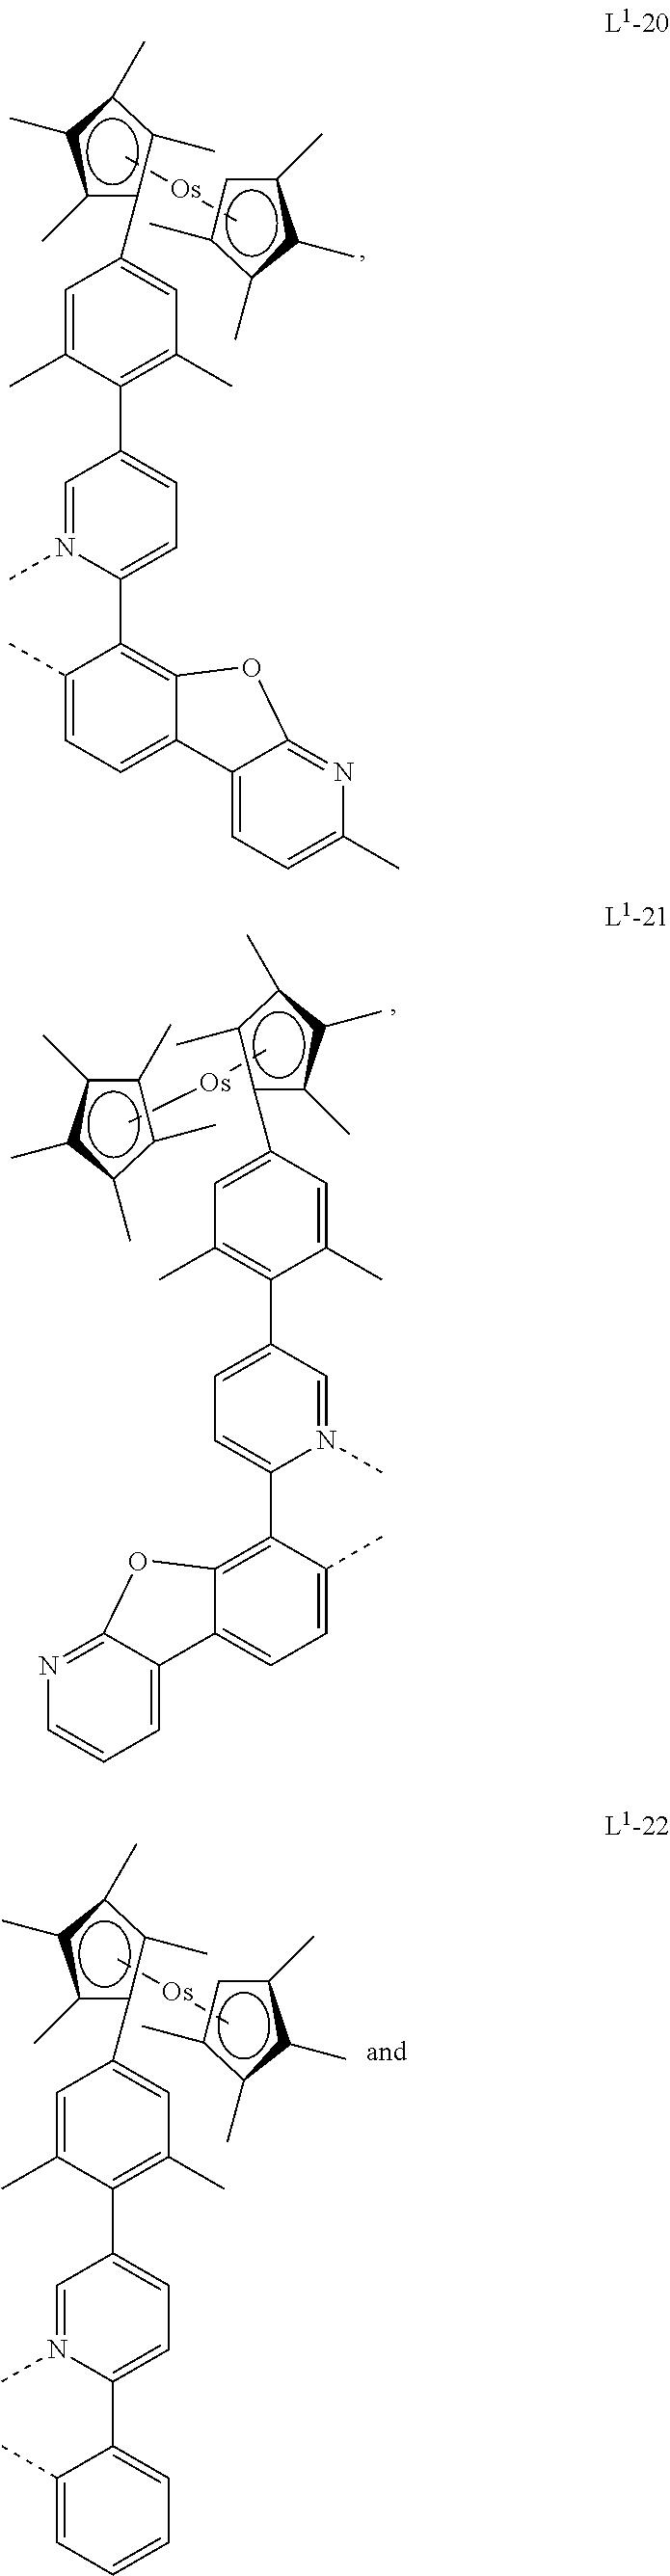 Figure US09450195-20160920-C00267